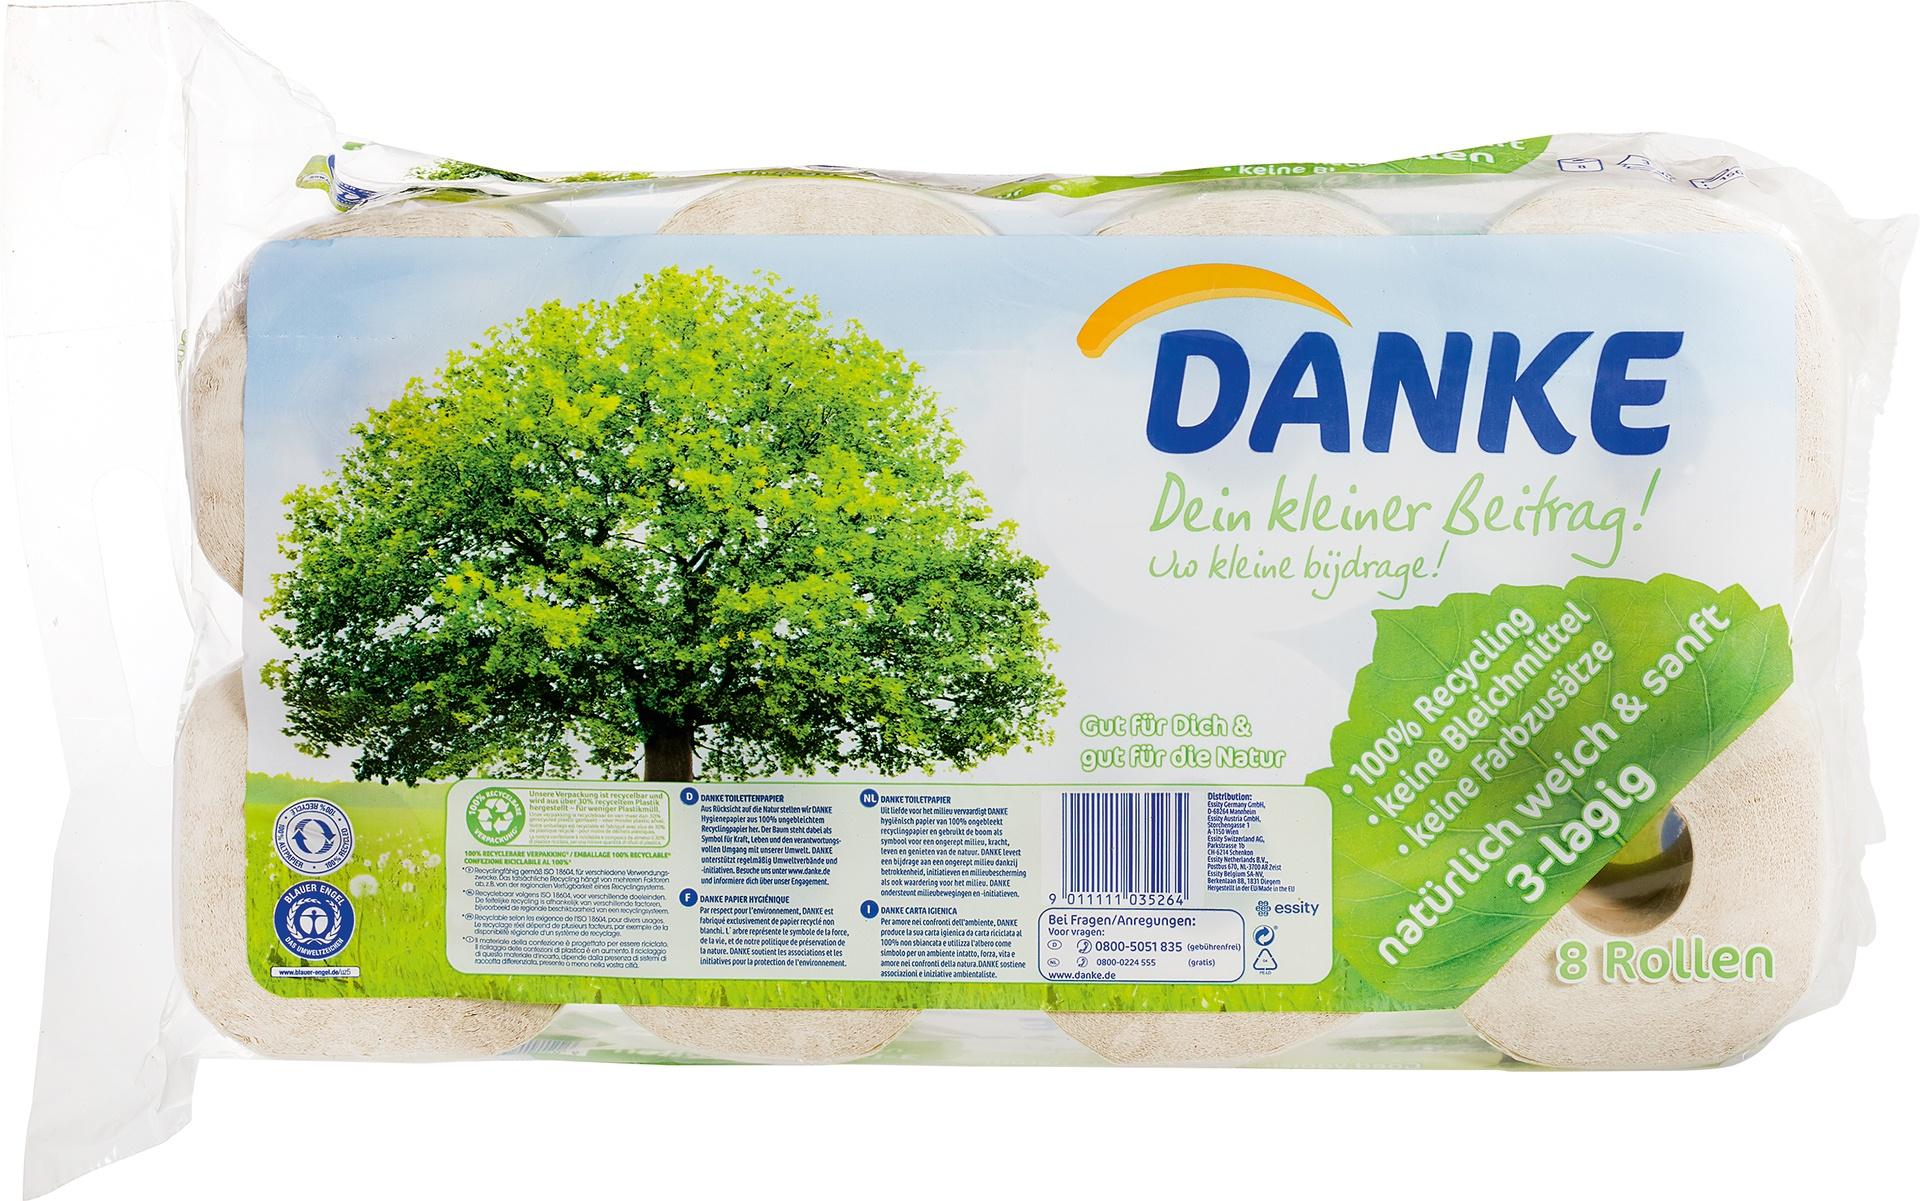 Biologische Danke Toiletpapier 3-laags 8 st